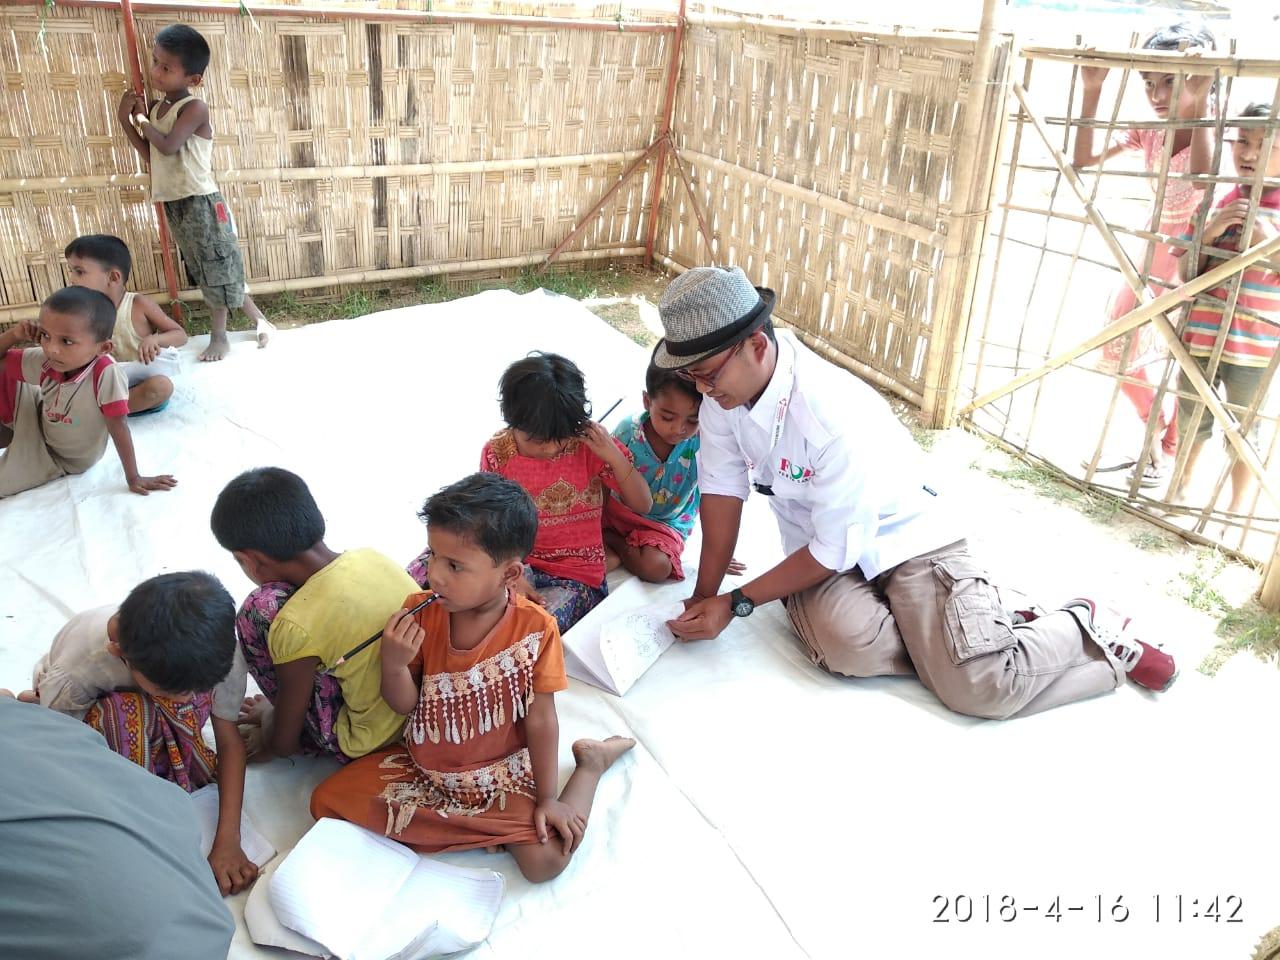 Forum Zakat Kembali Salurkan Bantuan untuk Pengungsi Rohingnya